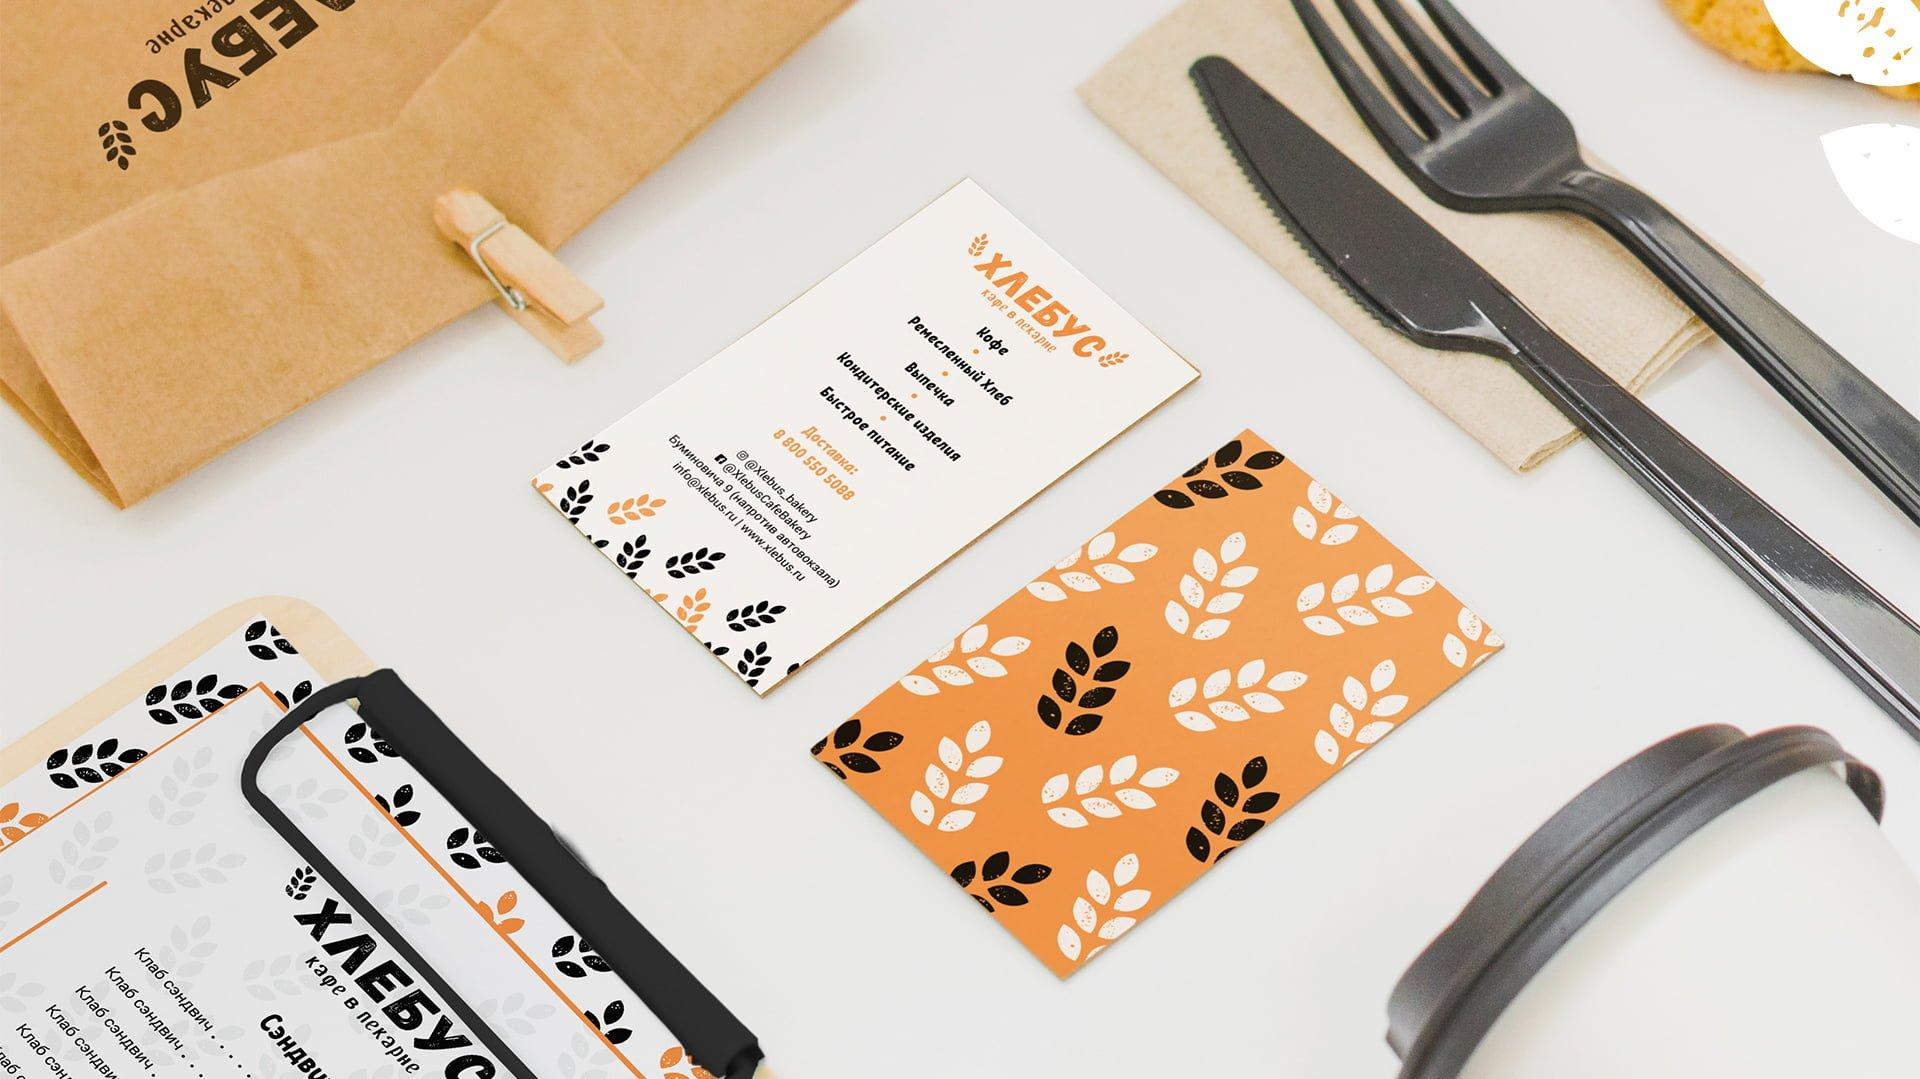 foto predmetov reklamnoy produktsii s firmennym stilem kafe v pekarne KHLEBUS